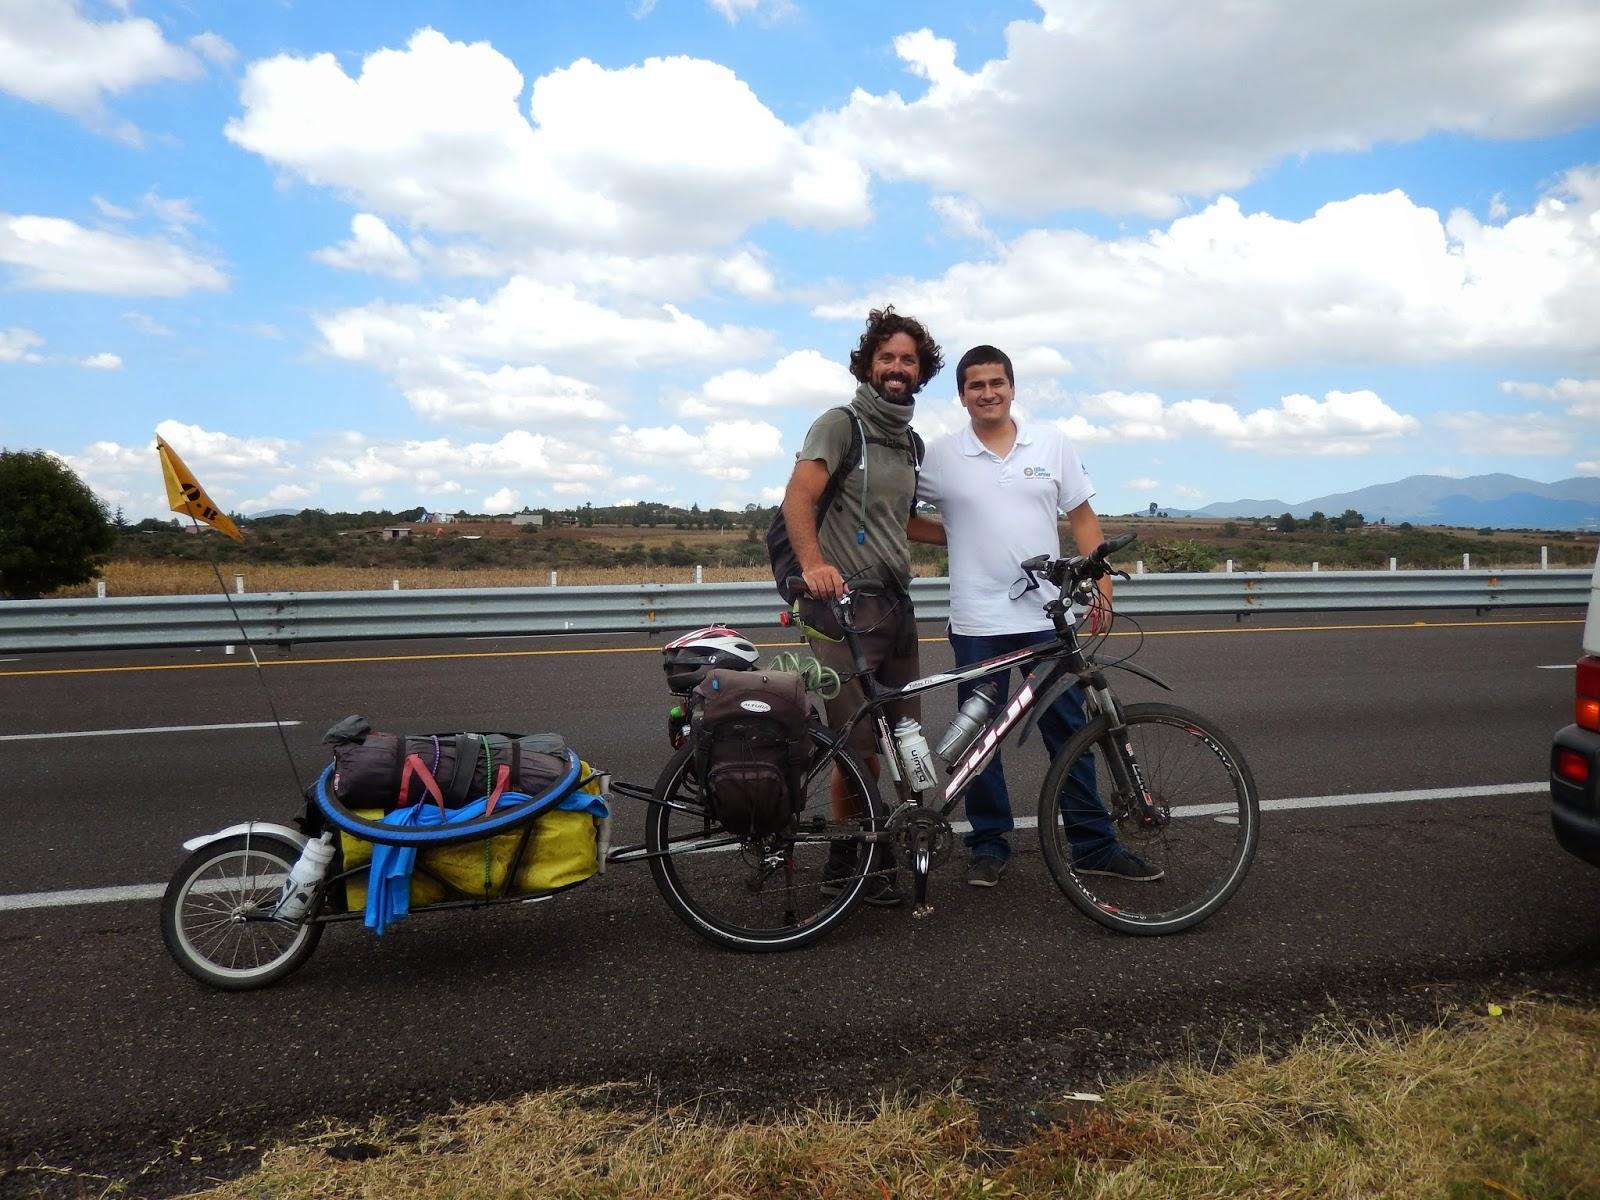 cicloturismo, bob yak, ciclismo de alforjas, ruta panamericana